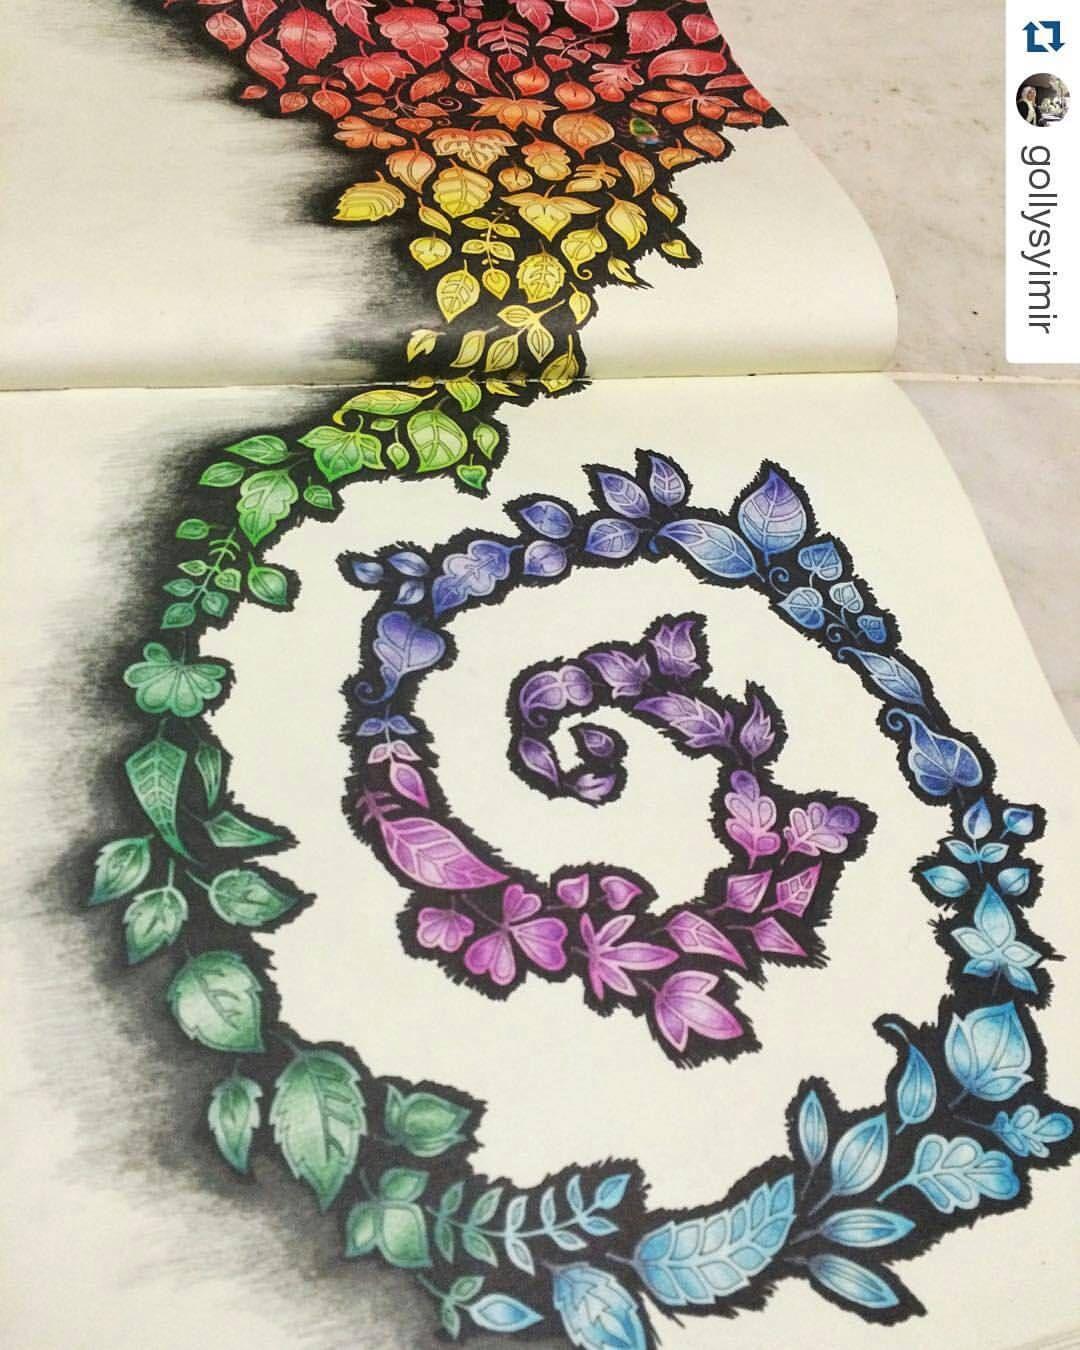 Secret garden coloring book website - Secret Garden Coloring Book